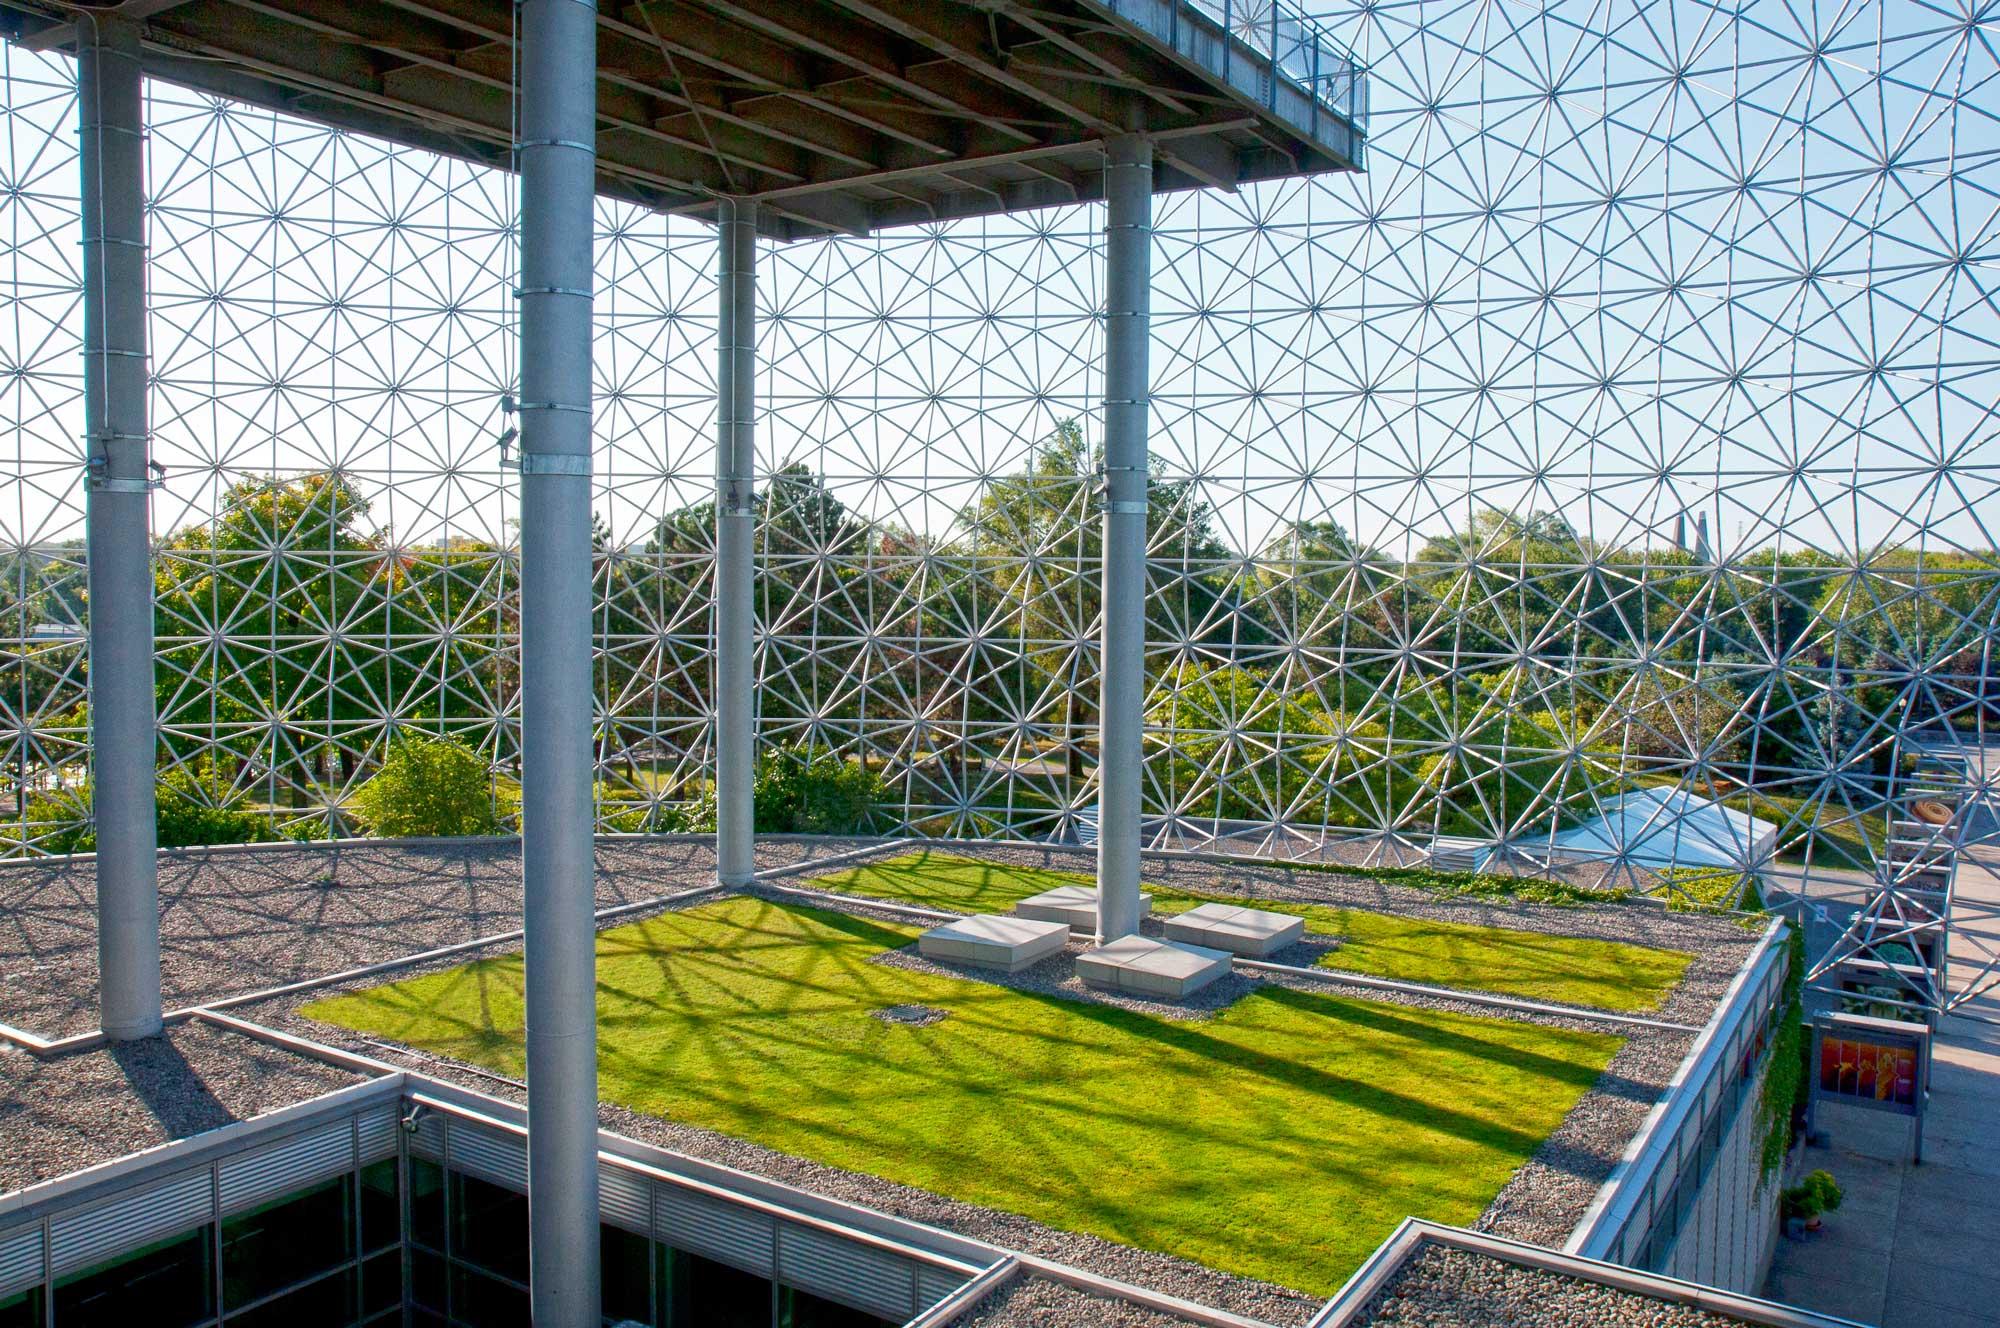 Biosphere-Toit-14.jpg